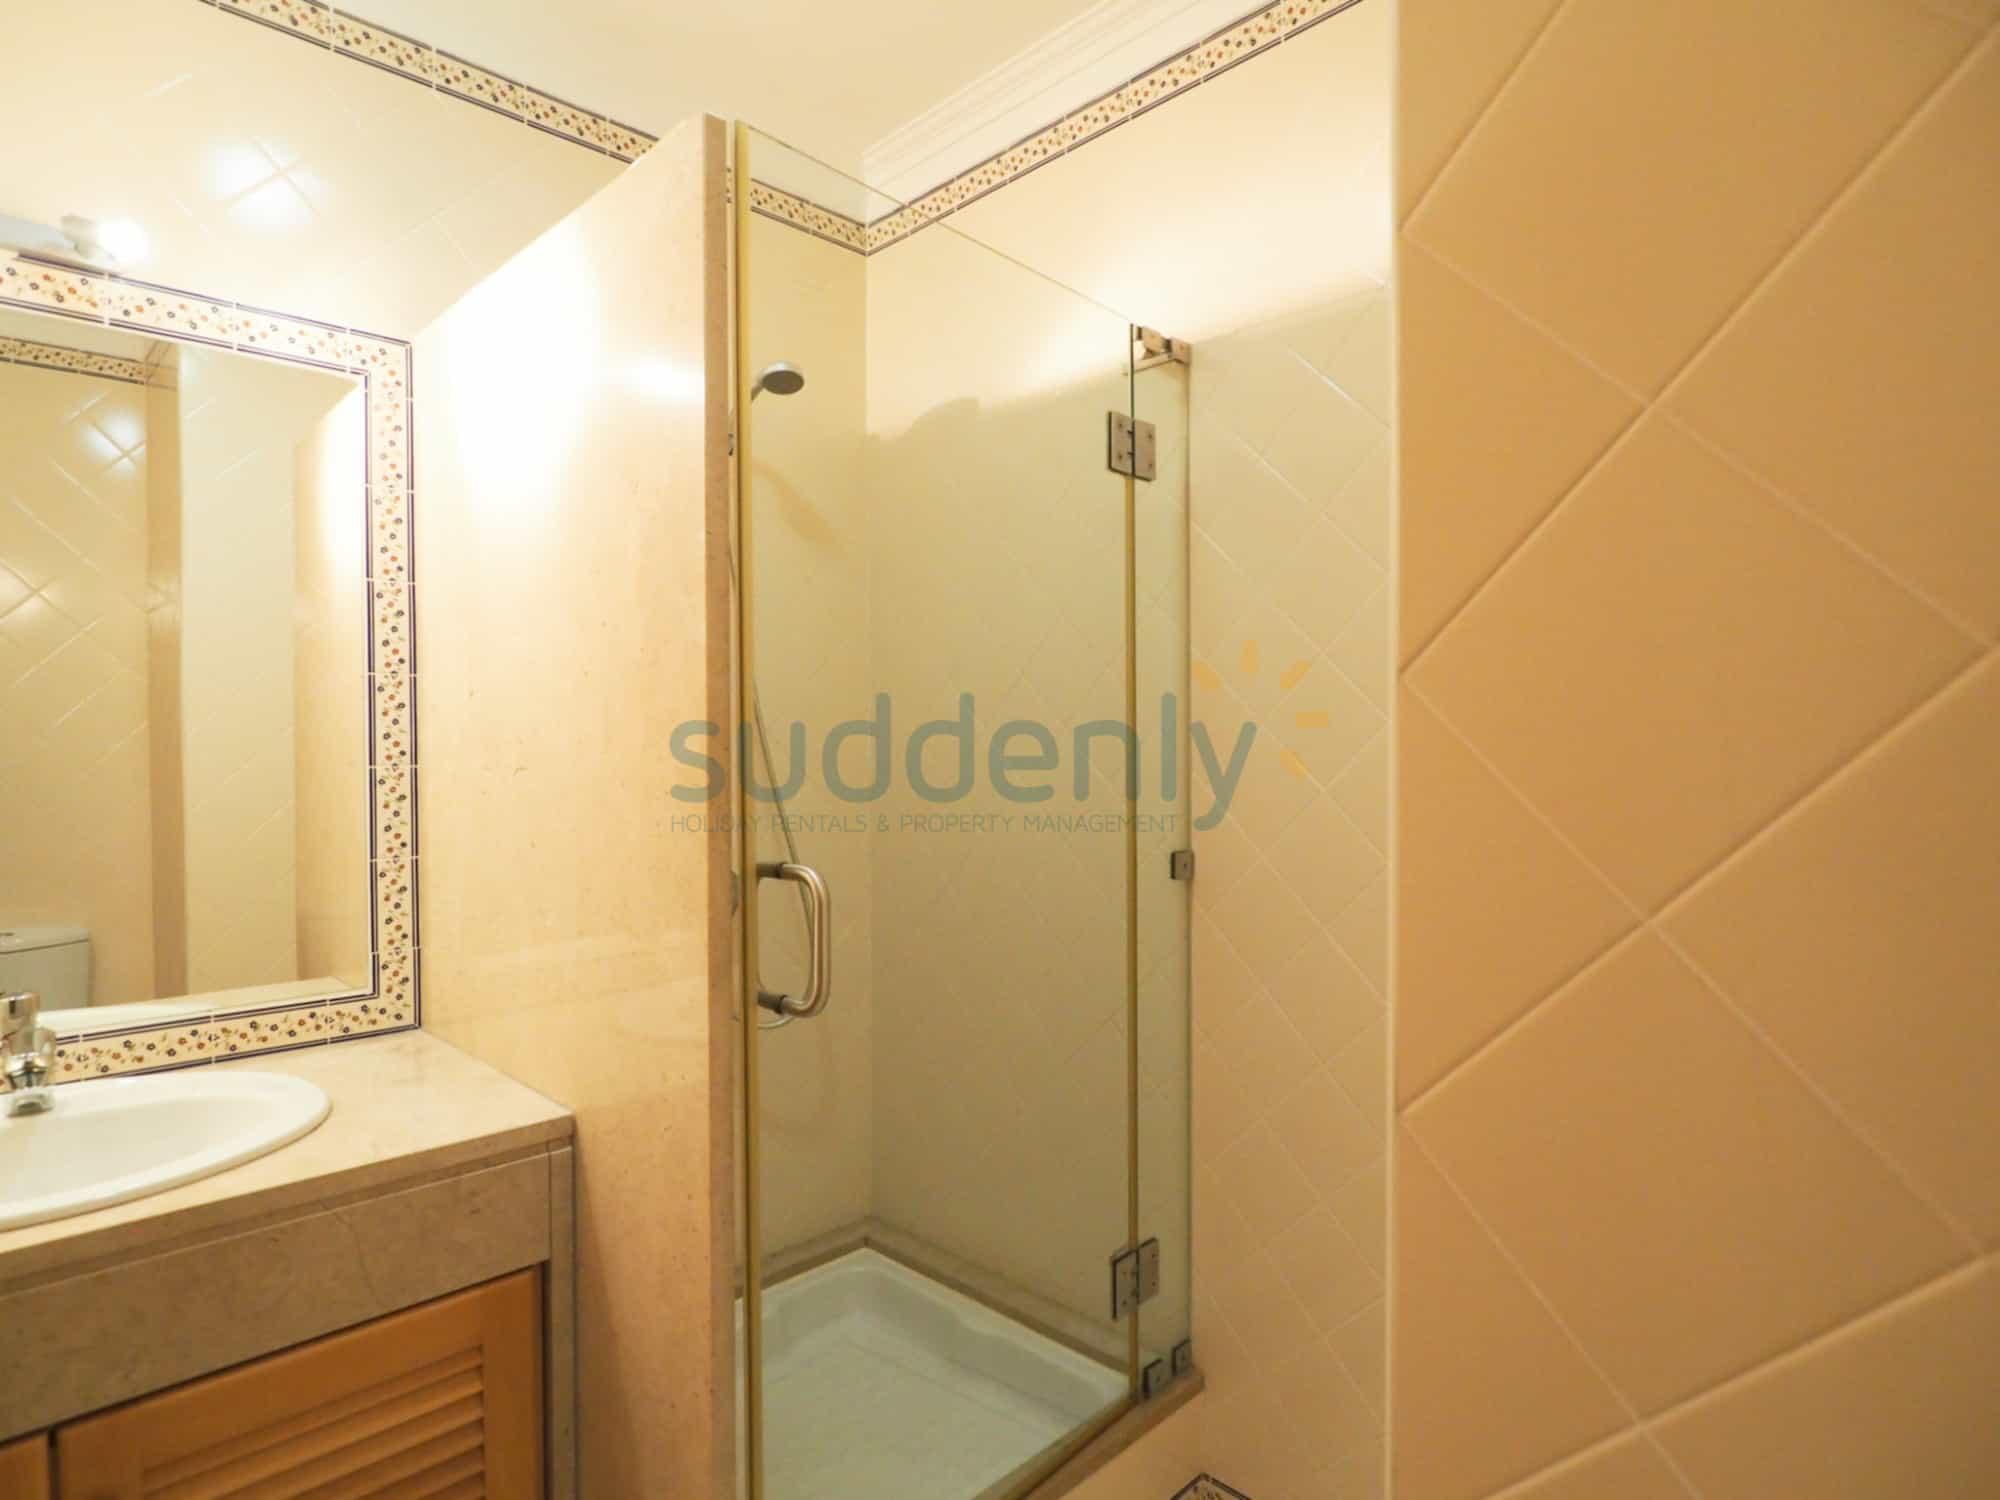 Accommodation 376